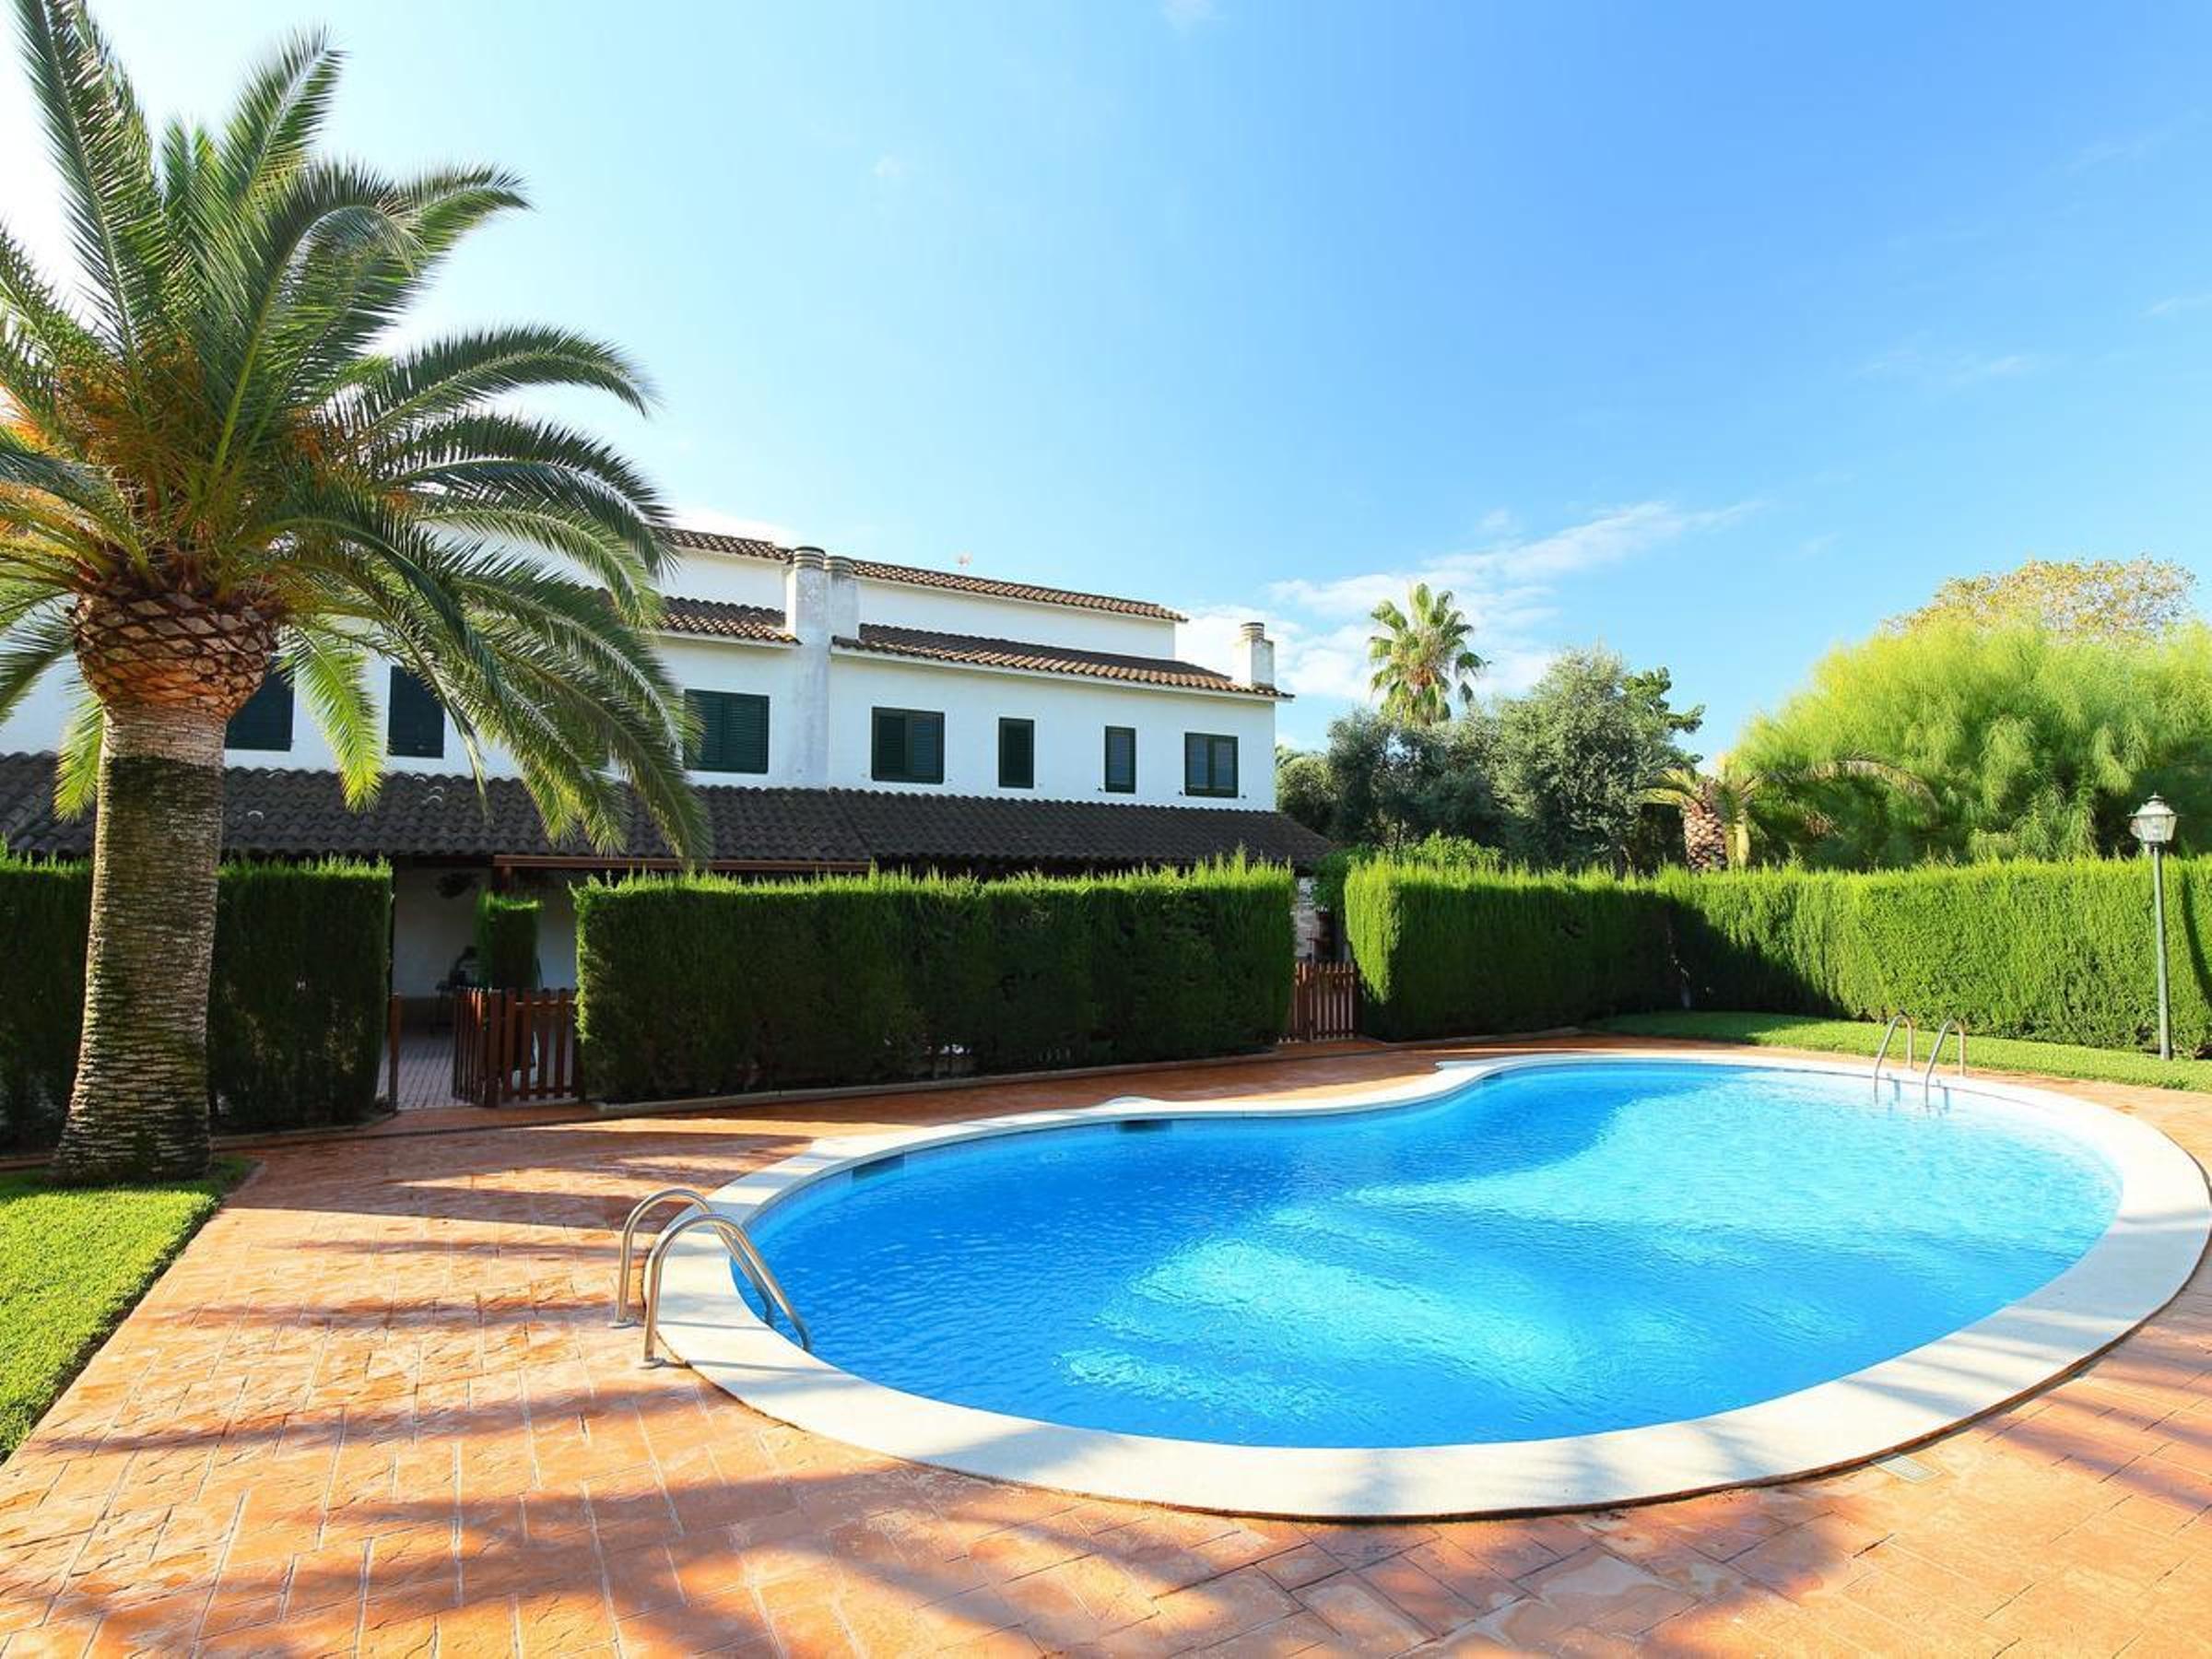 Villa de Calderon de la barca  31 Holiday No.1, Afmadow